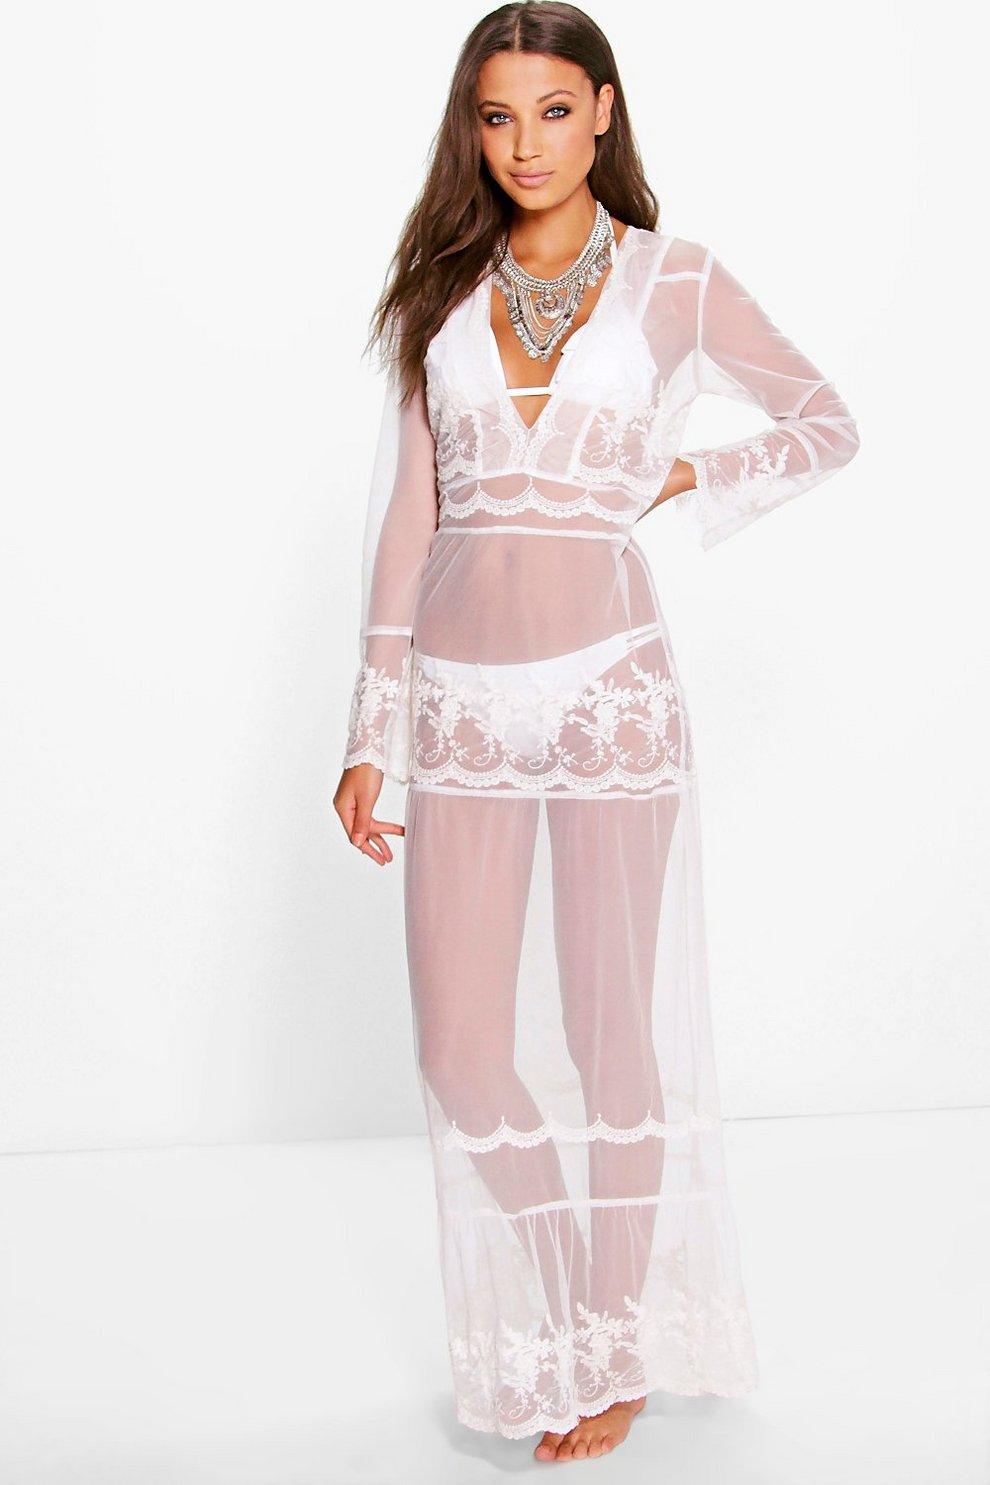 e2c63d6d05c2 Erin Boutique Lace Boho Beach Dress